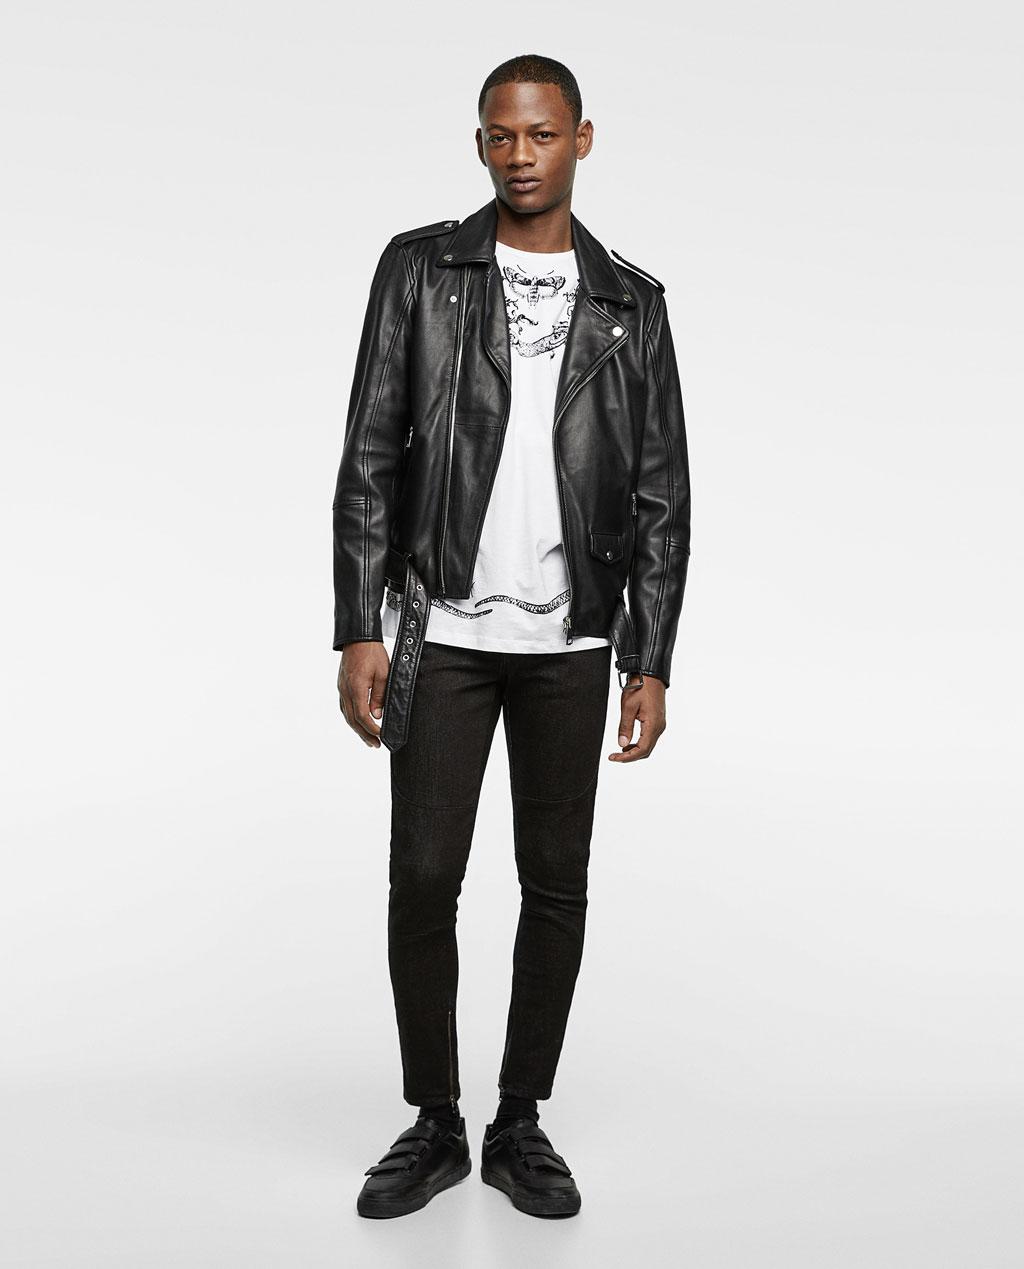 Thời trang nam Zara  23899 - ảnh 3